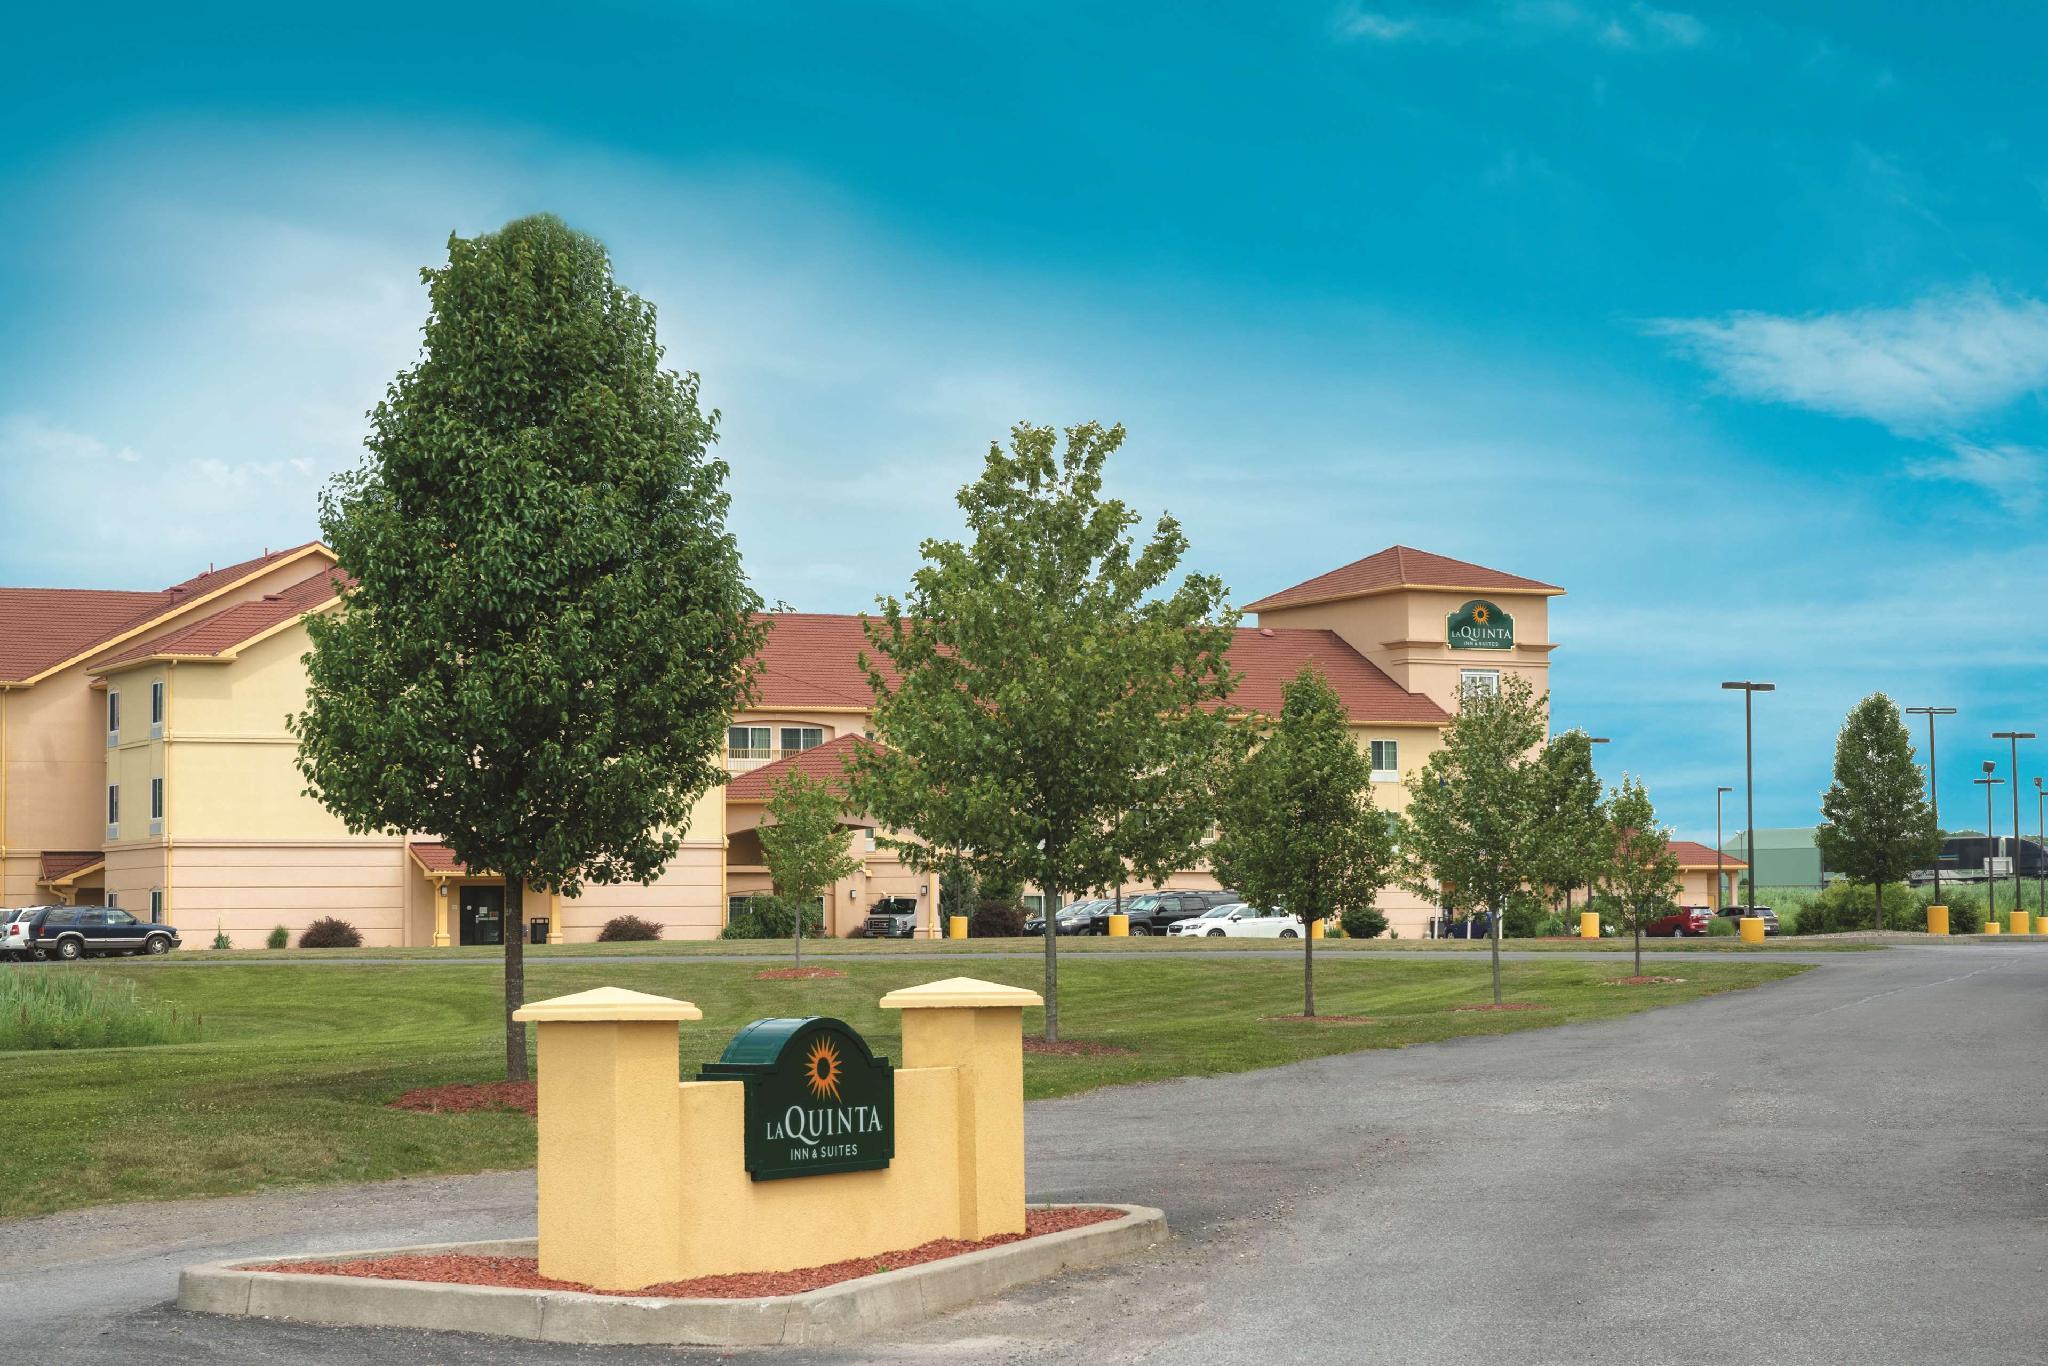 La Quinta Inn And Suites By Wyndham Verona